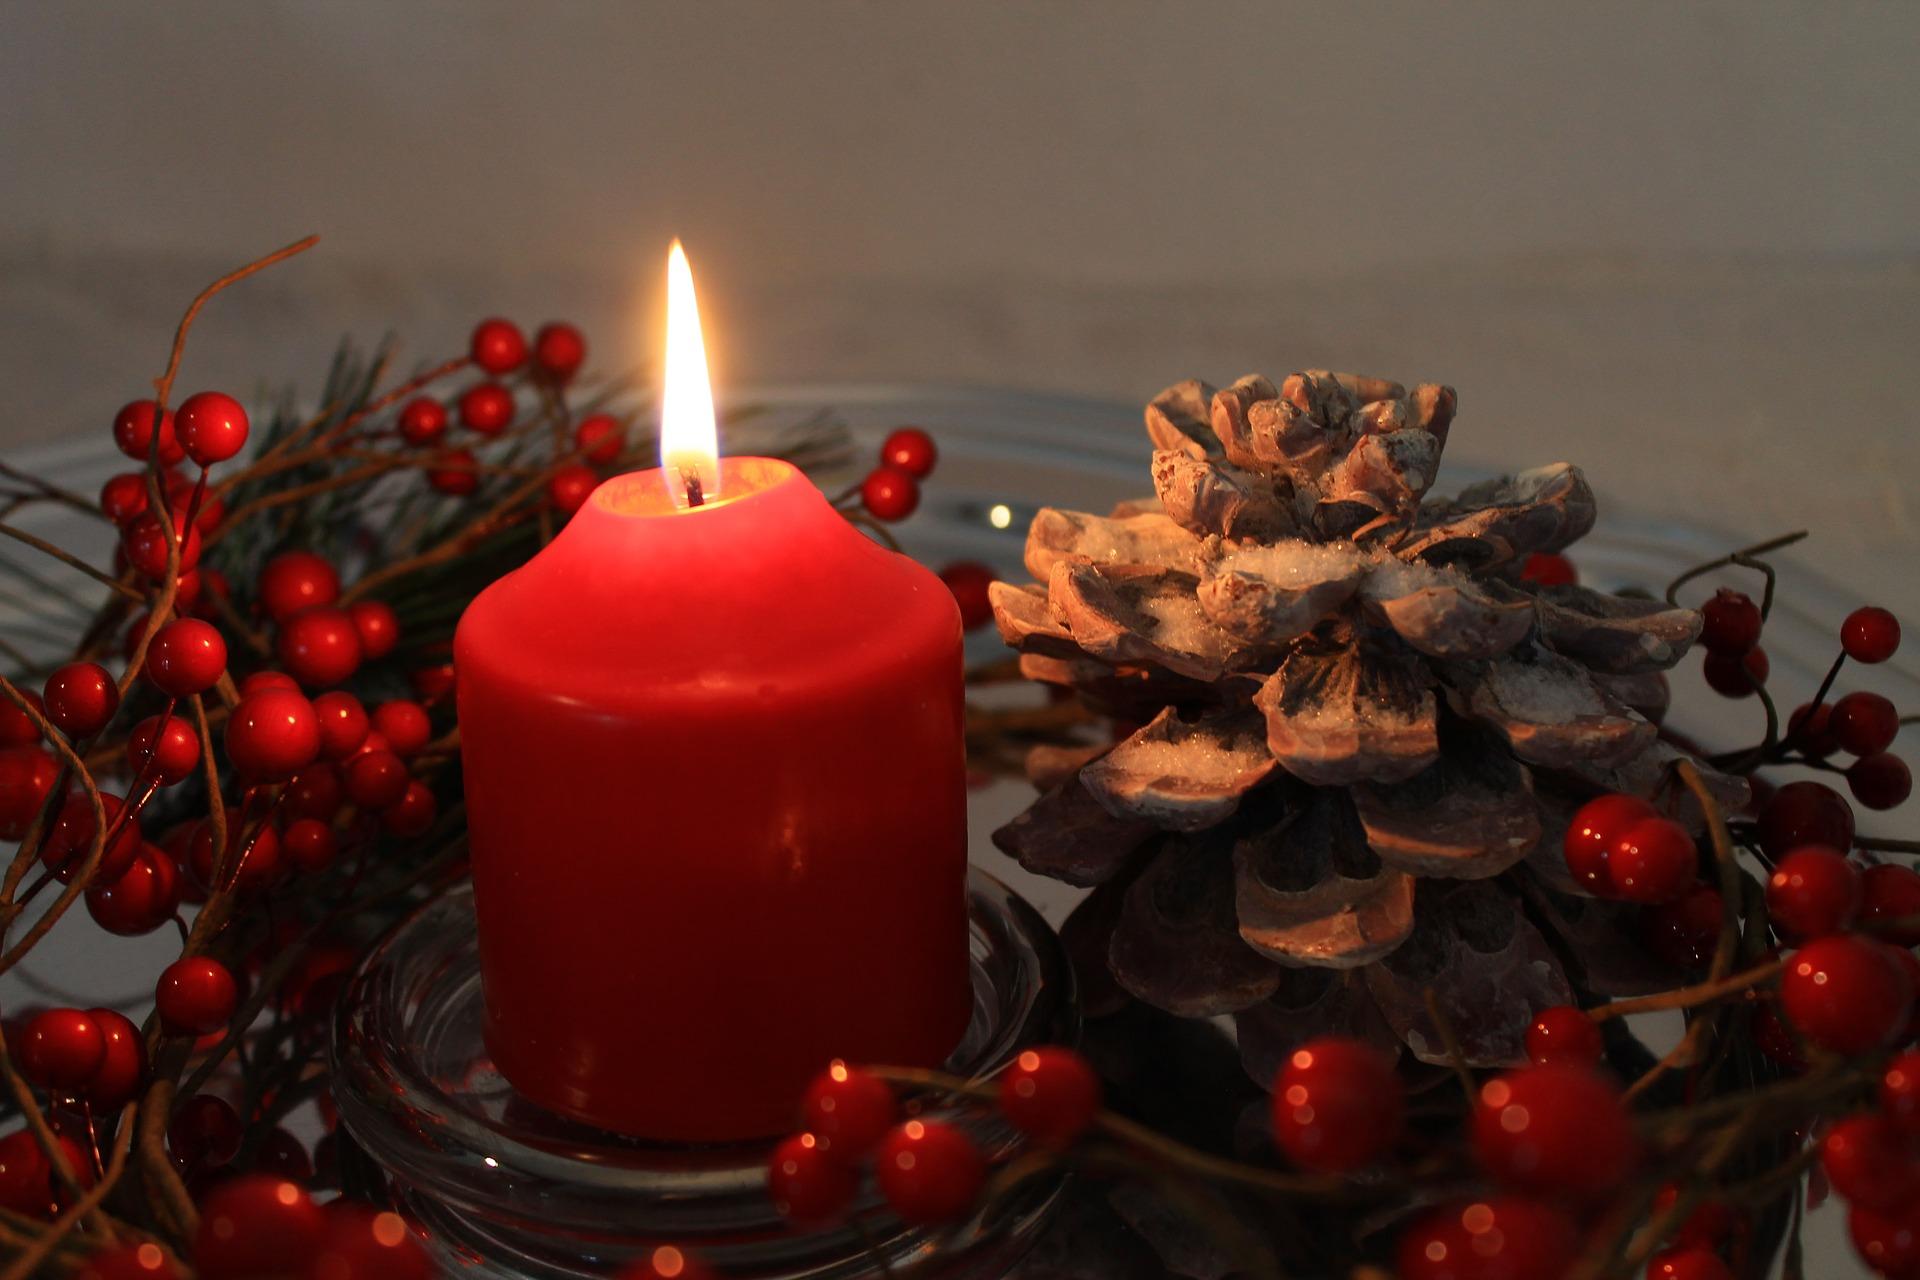 Winter Solstice Celebration & Ritual